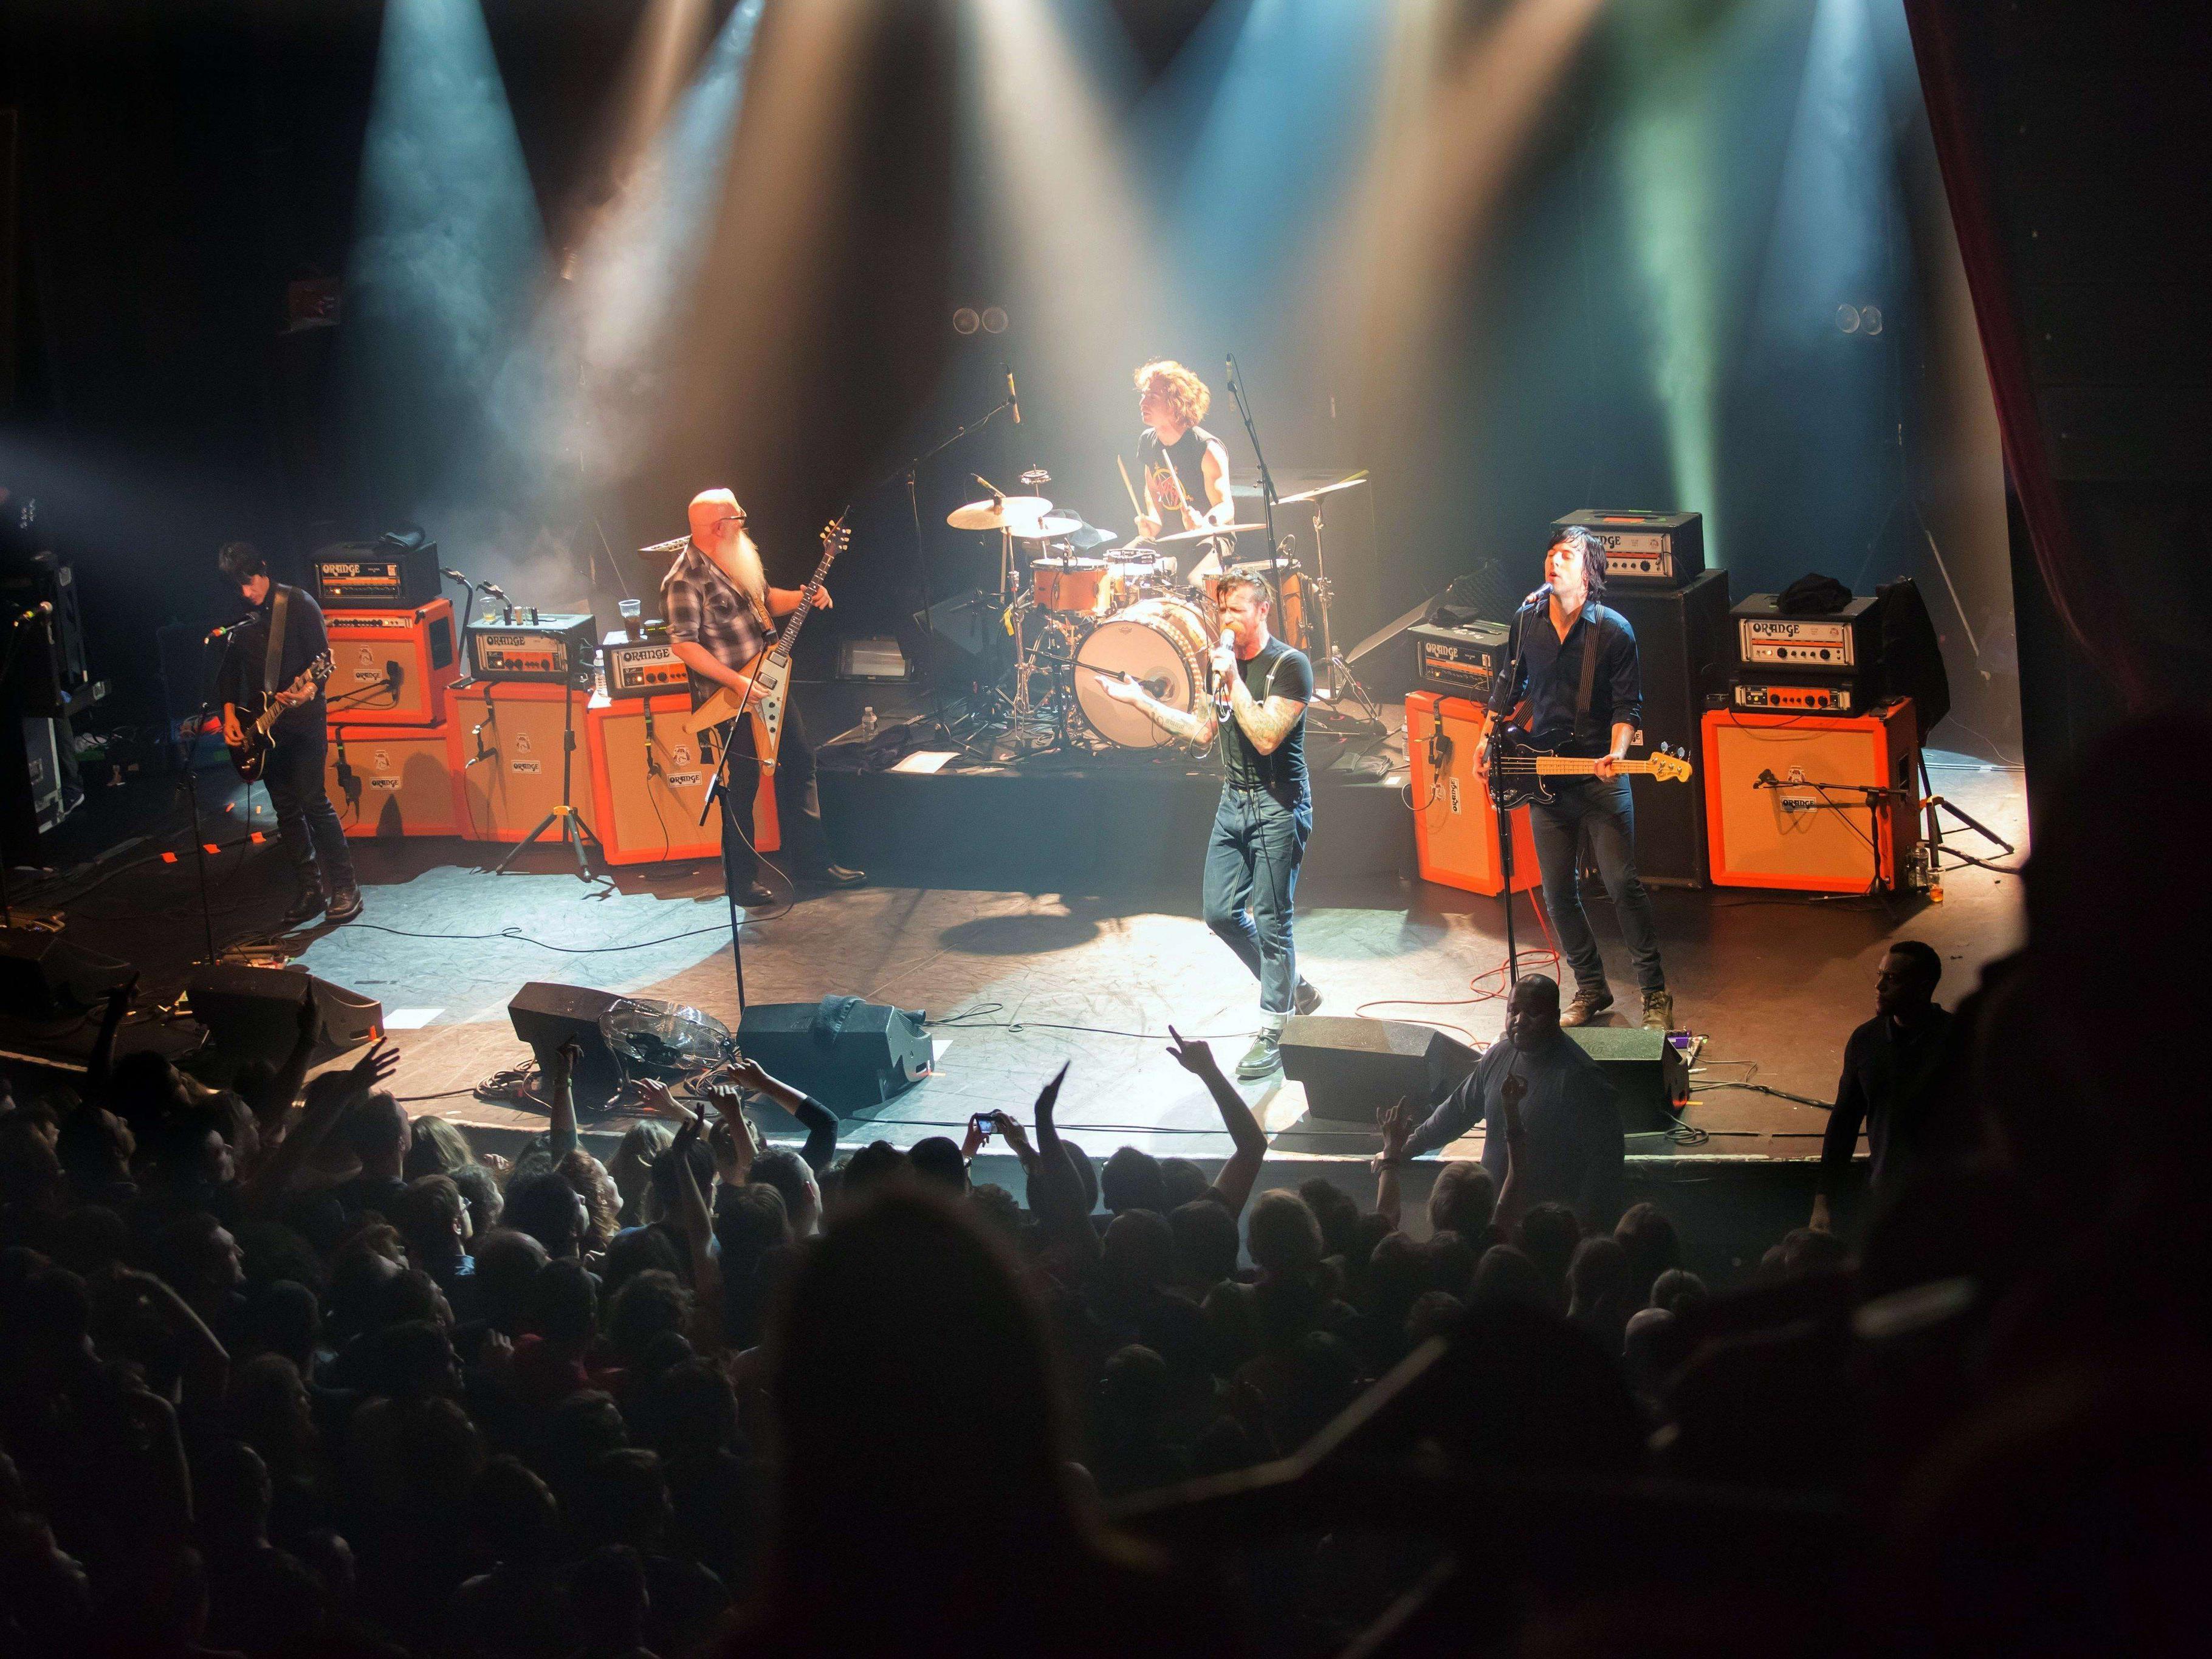 Dieses BIld von der Band Eagles of Death Metal enstand wenige Minuten vor dem Terror-Anschlag in Paris.